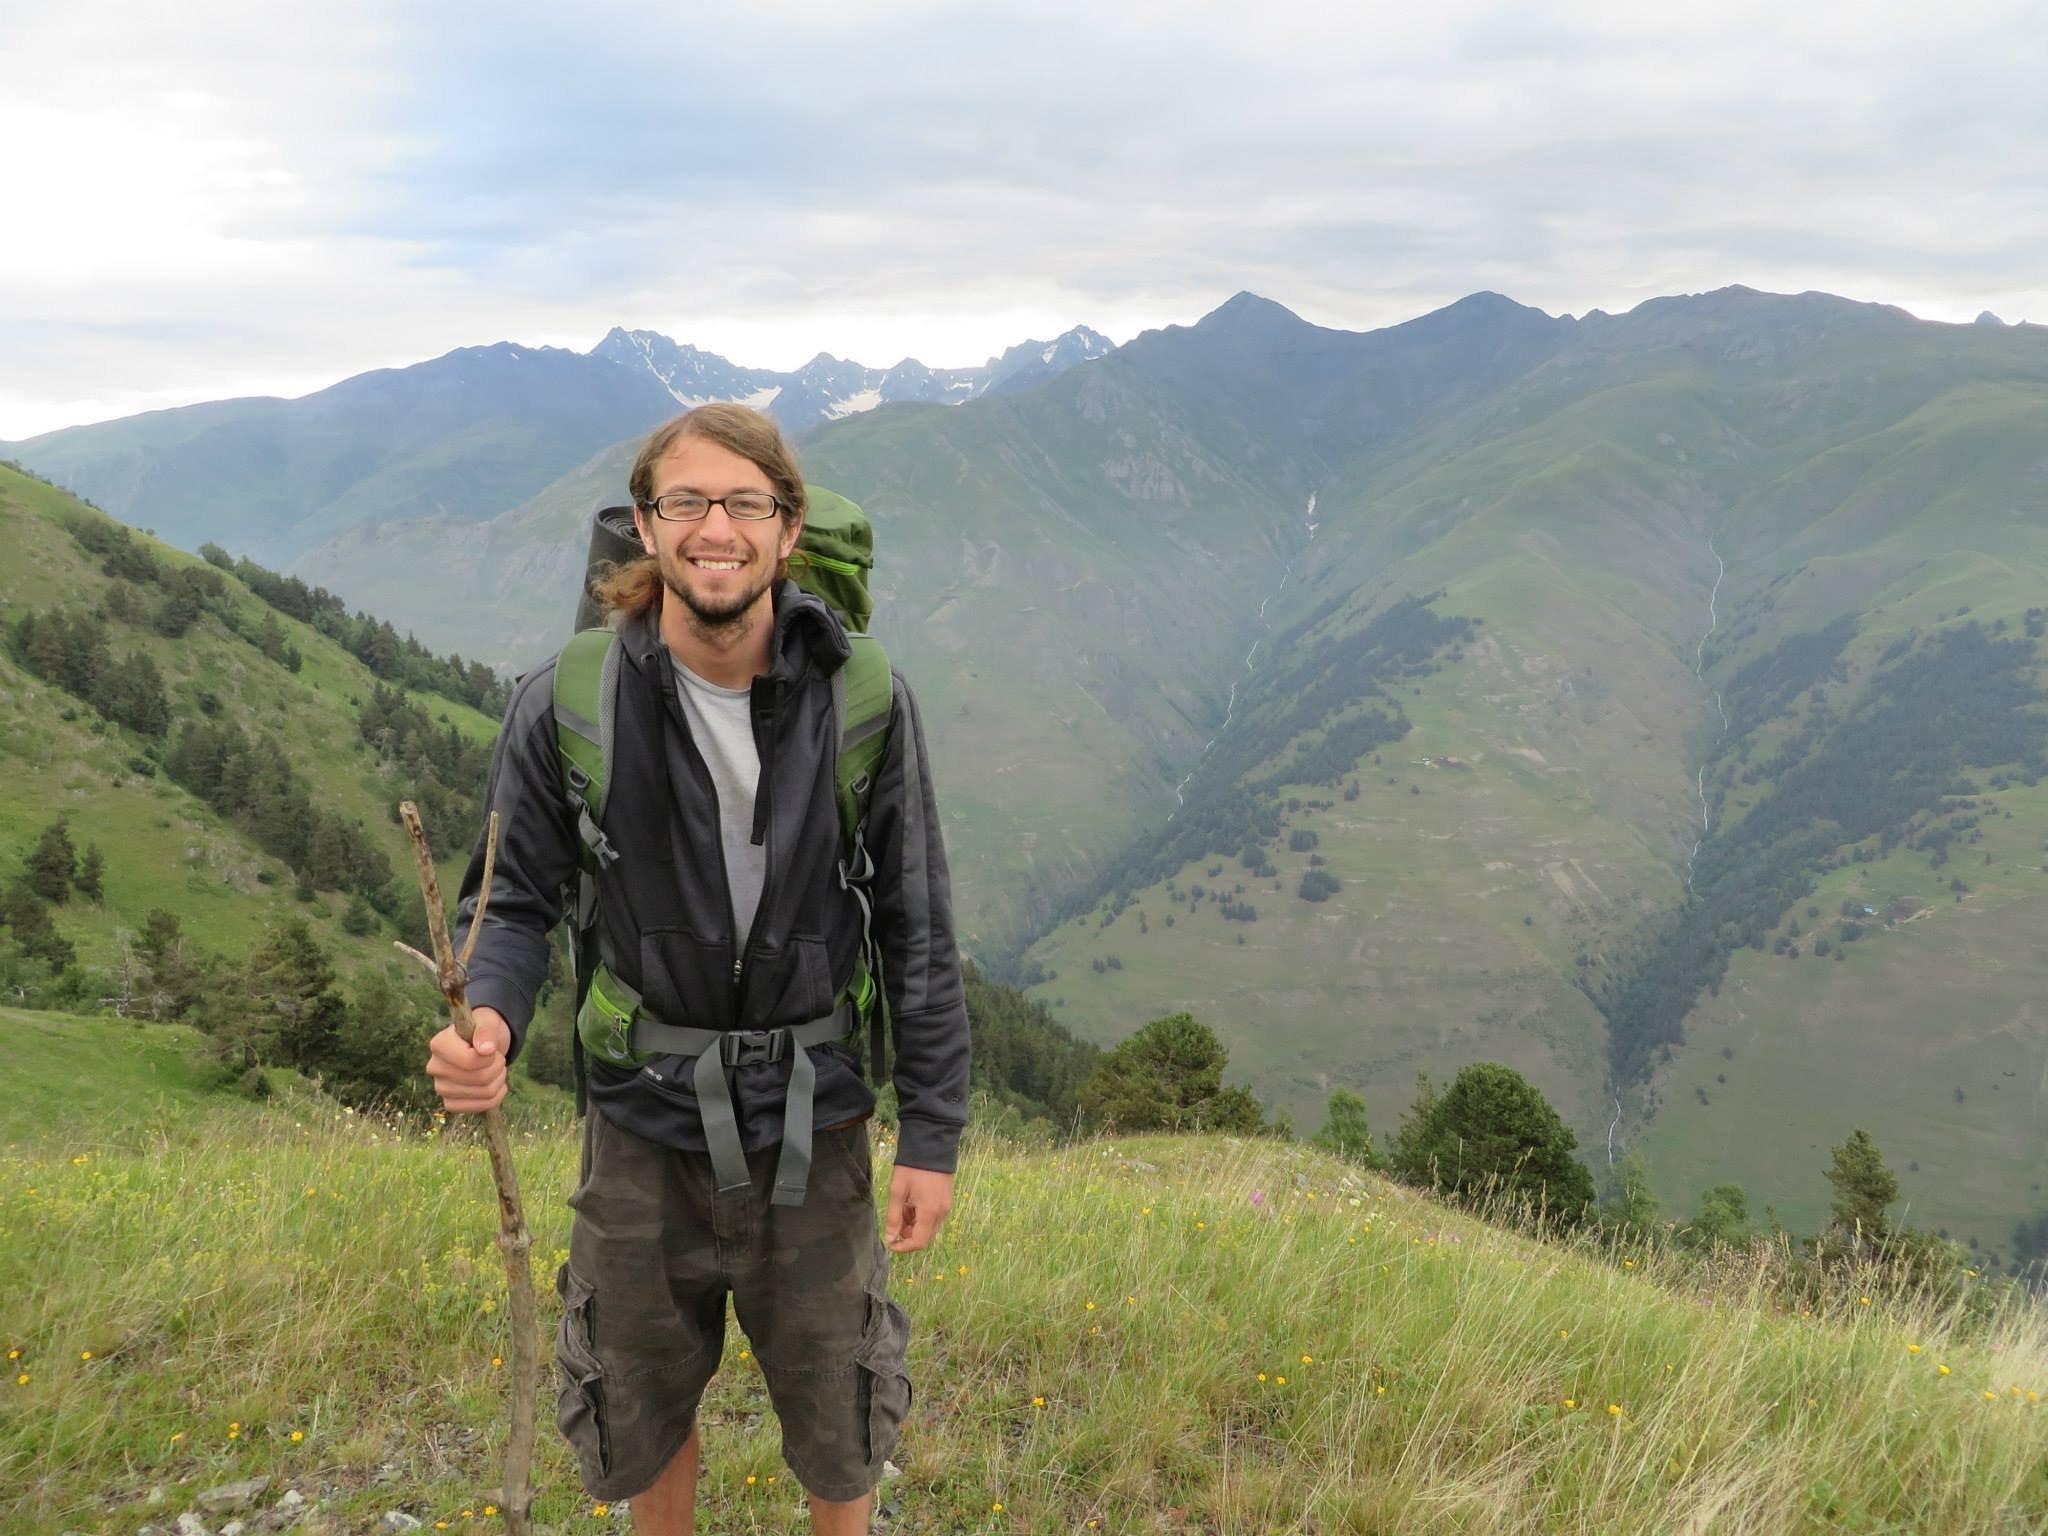 კრისტოფერ მანინგის საქართველო — გამორჩეულად საყვარელი მთები